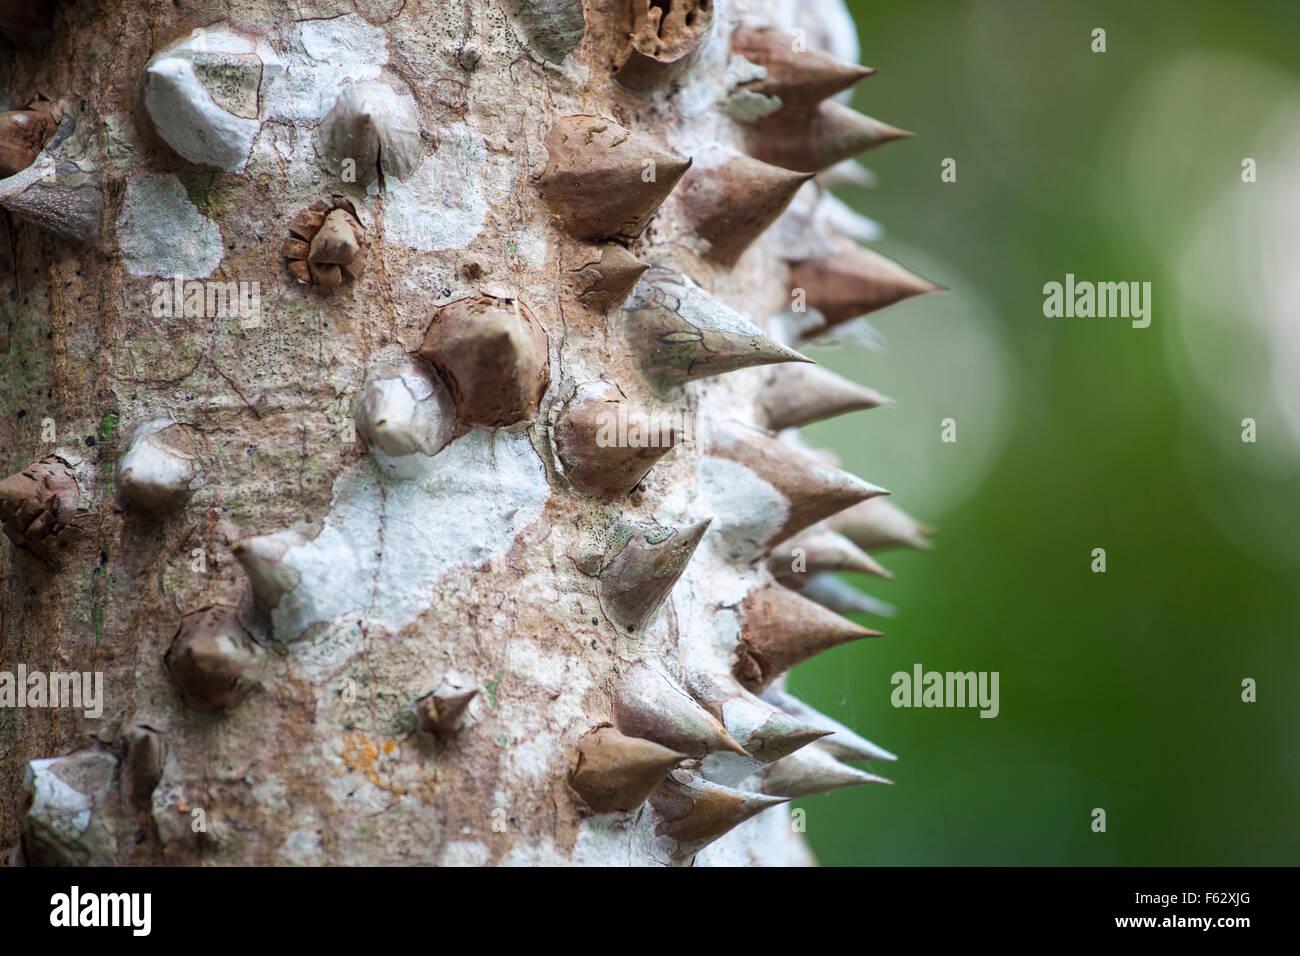 Gros plan de l'arbre ceiba épineux (ceiba chodatii) au Yucatan, Mexique. Photo Stock